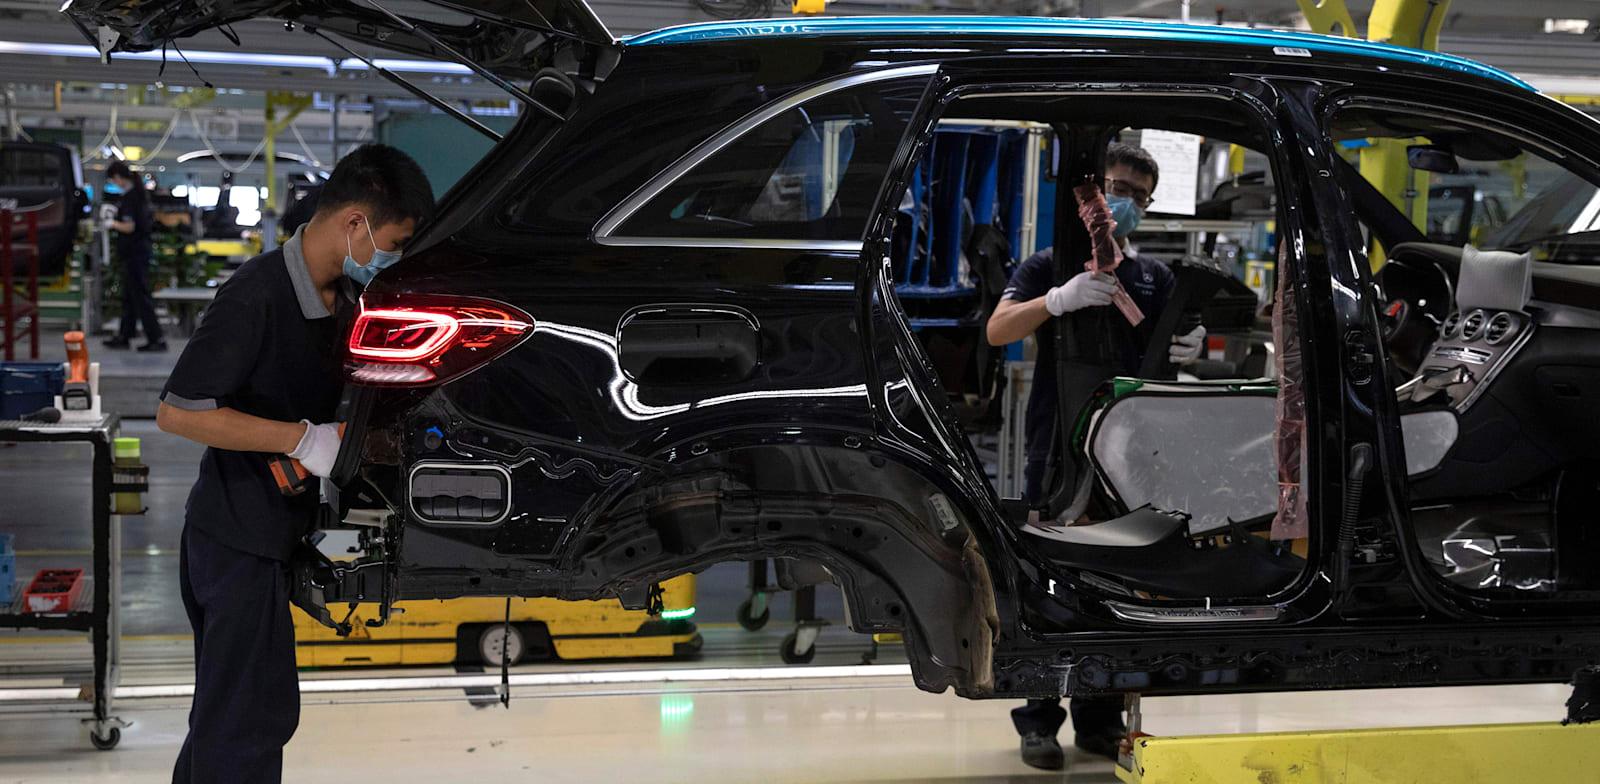 מפעל רכב בבייג'ינג, סין / צילום: Associated Press, Ng Han Guan